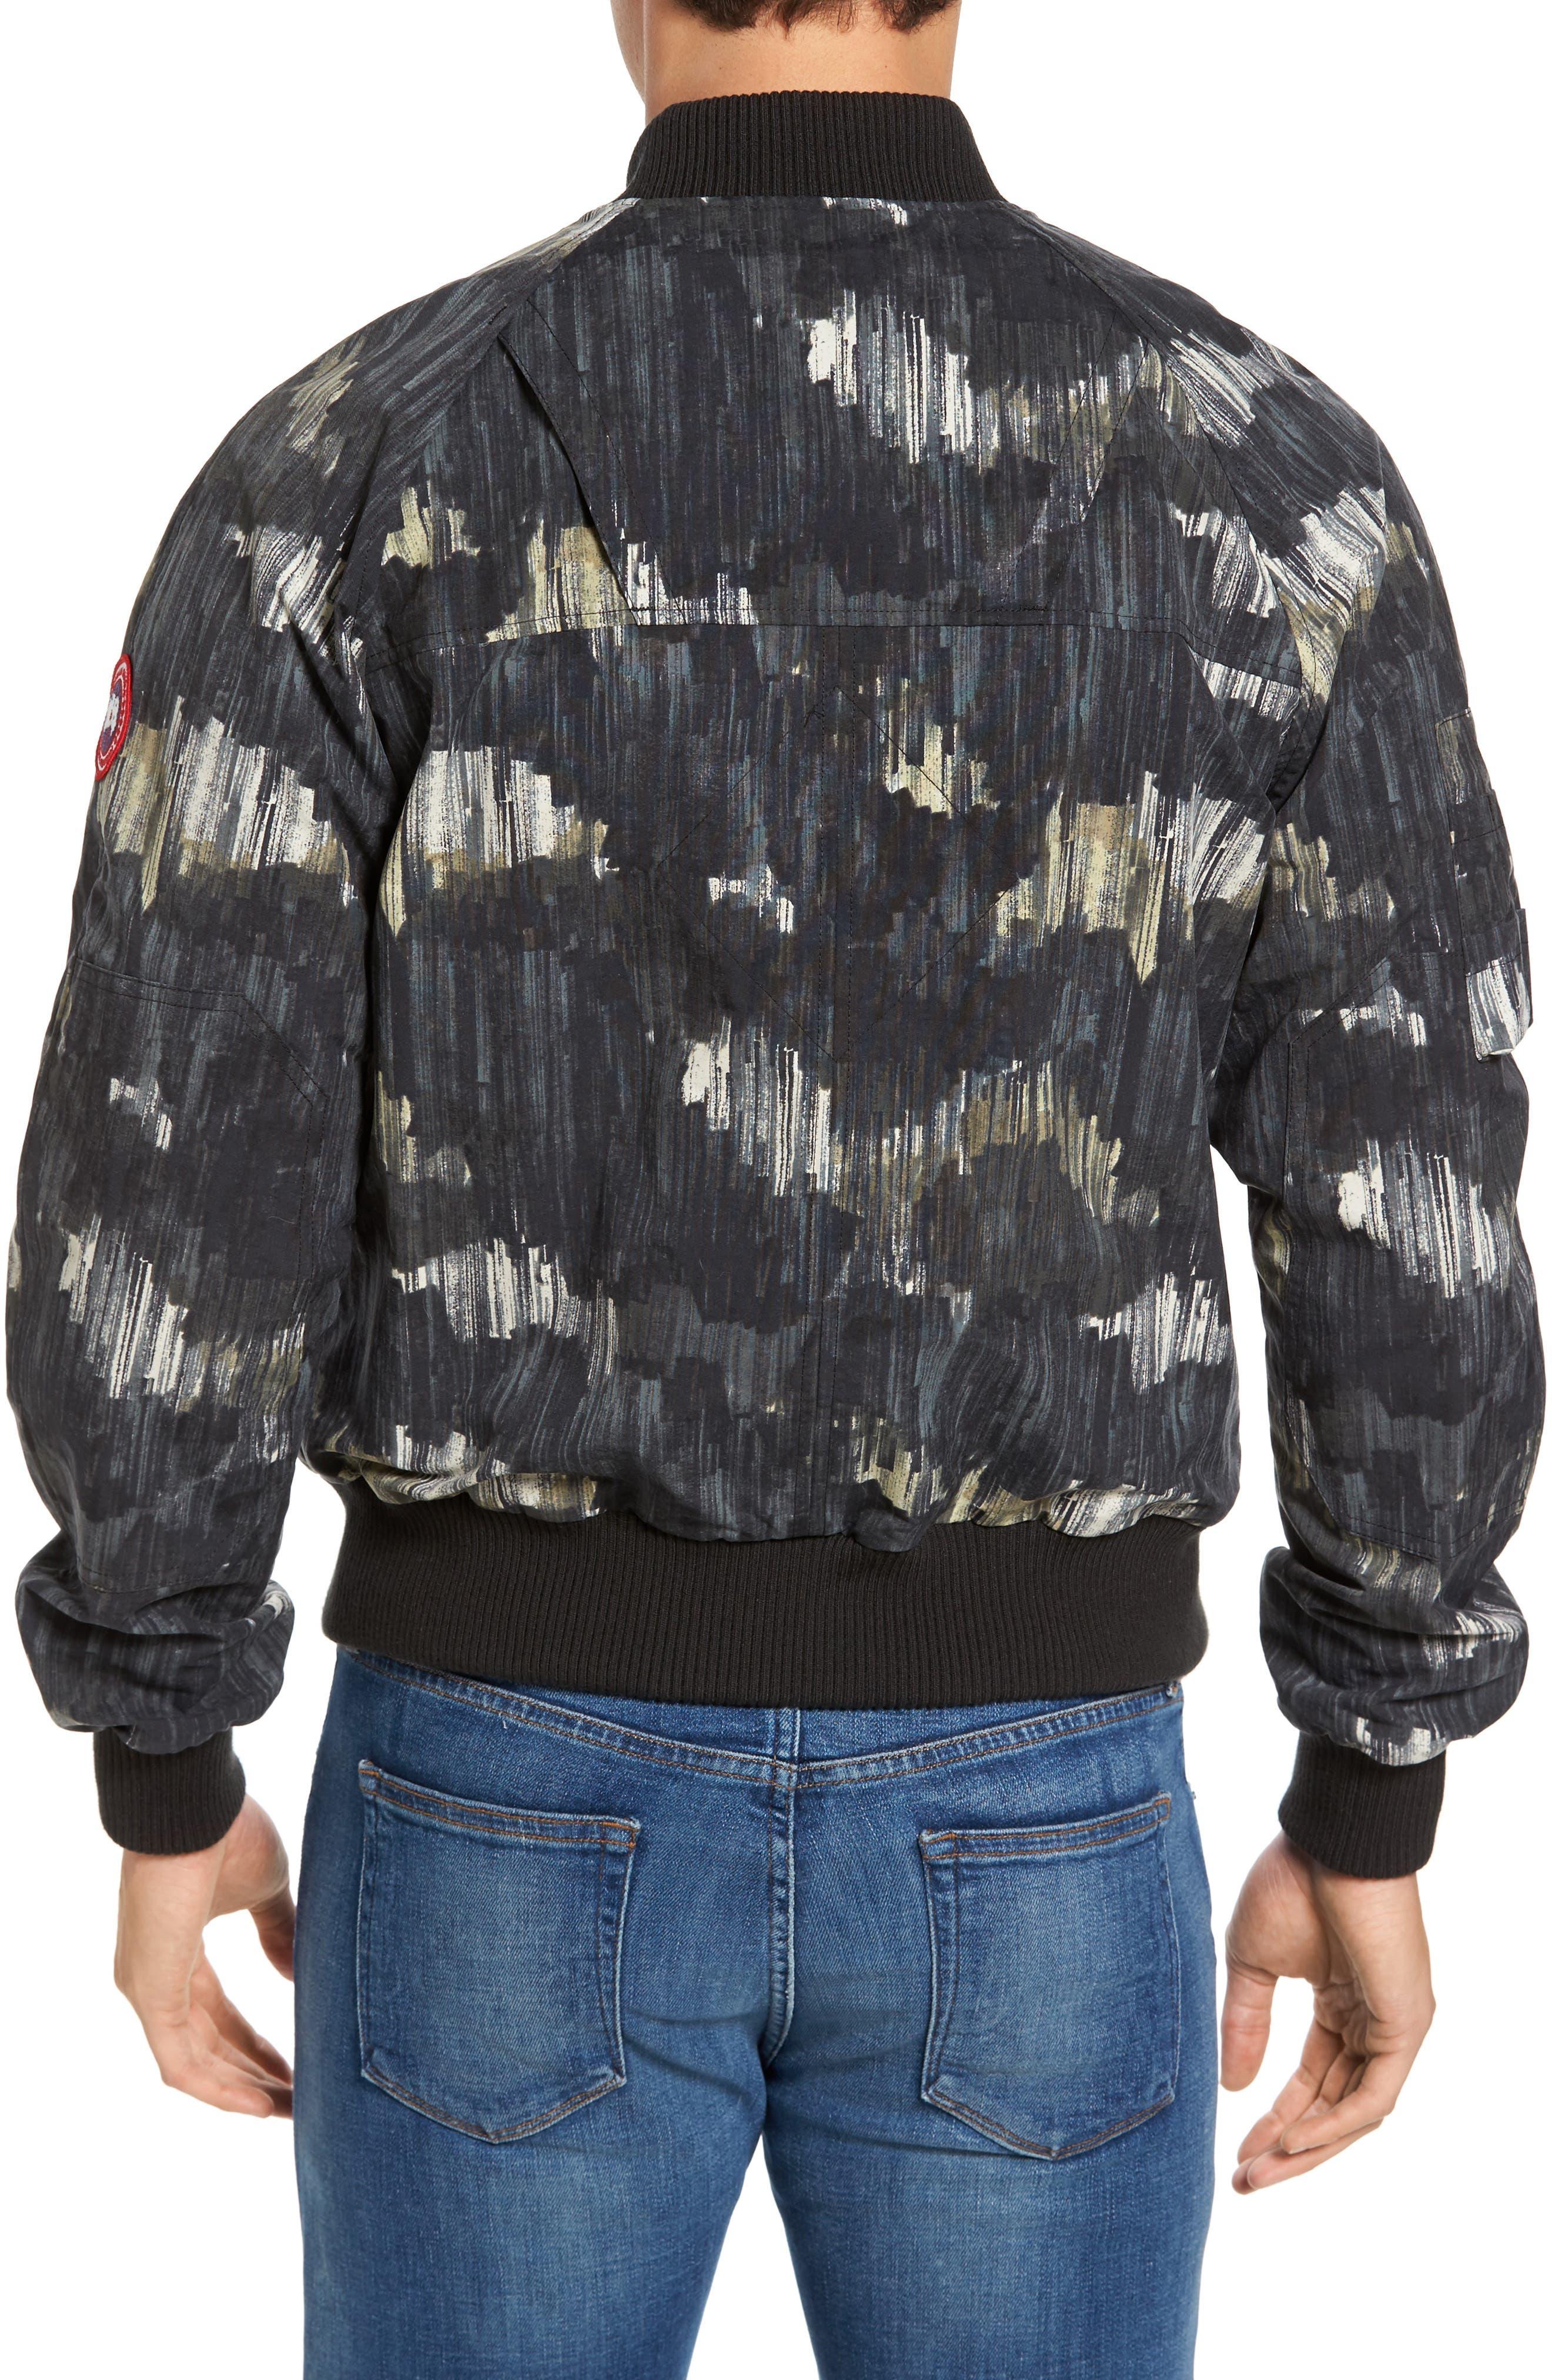 Faber Slim Fit Bomber Jacket,                             Alternate thumbnail 2, color,                             NOCTURNE PRINT